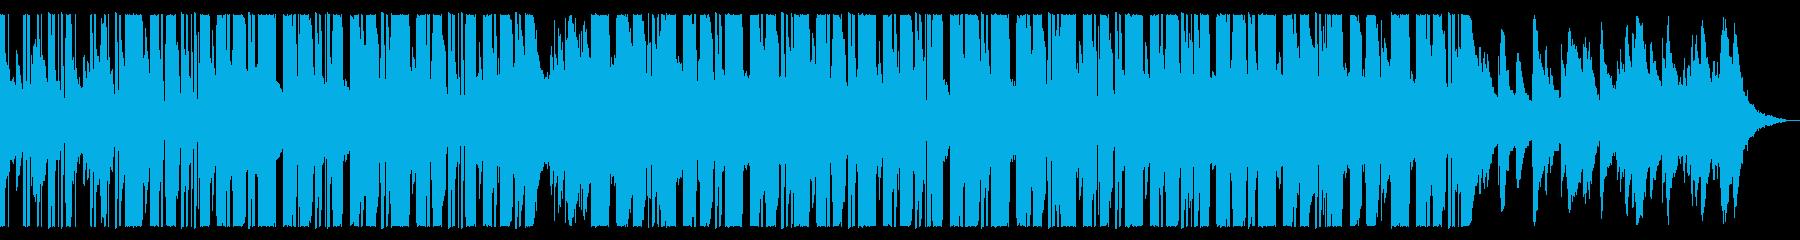 少し切ない冬の始まりピアノチルホップの再生済みの波形